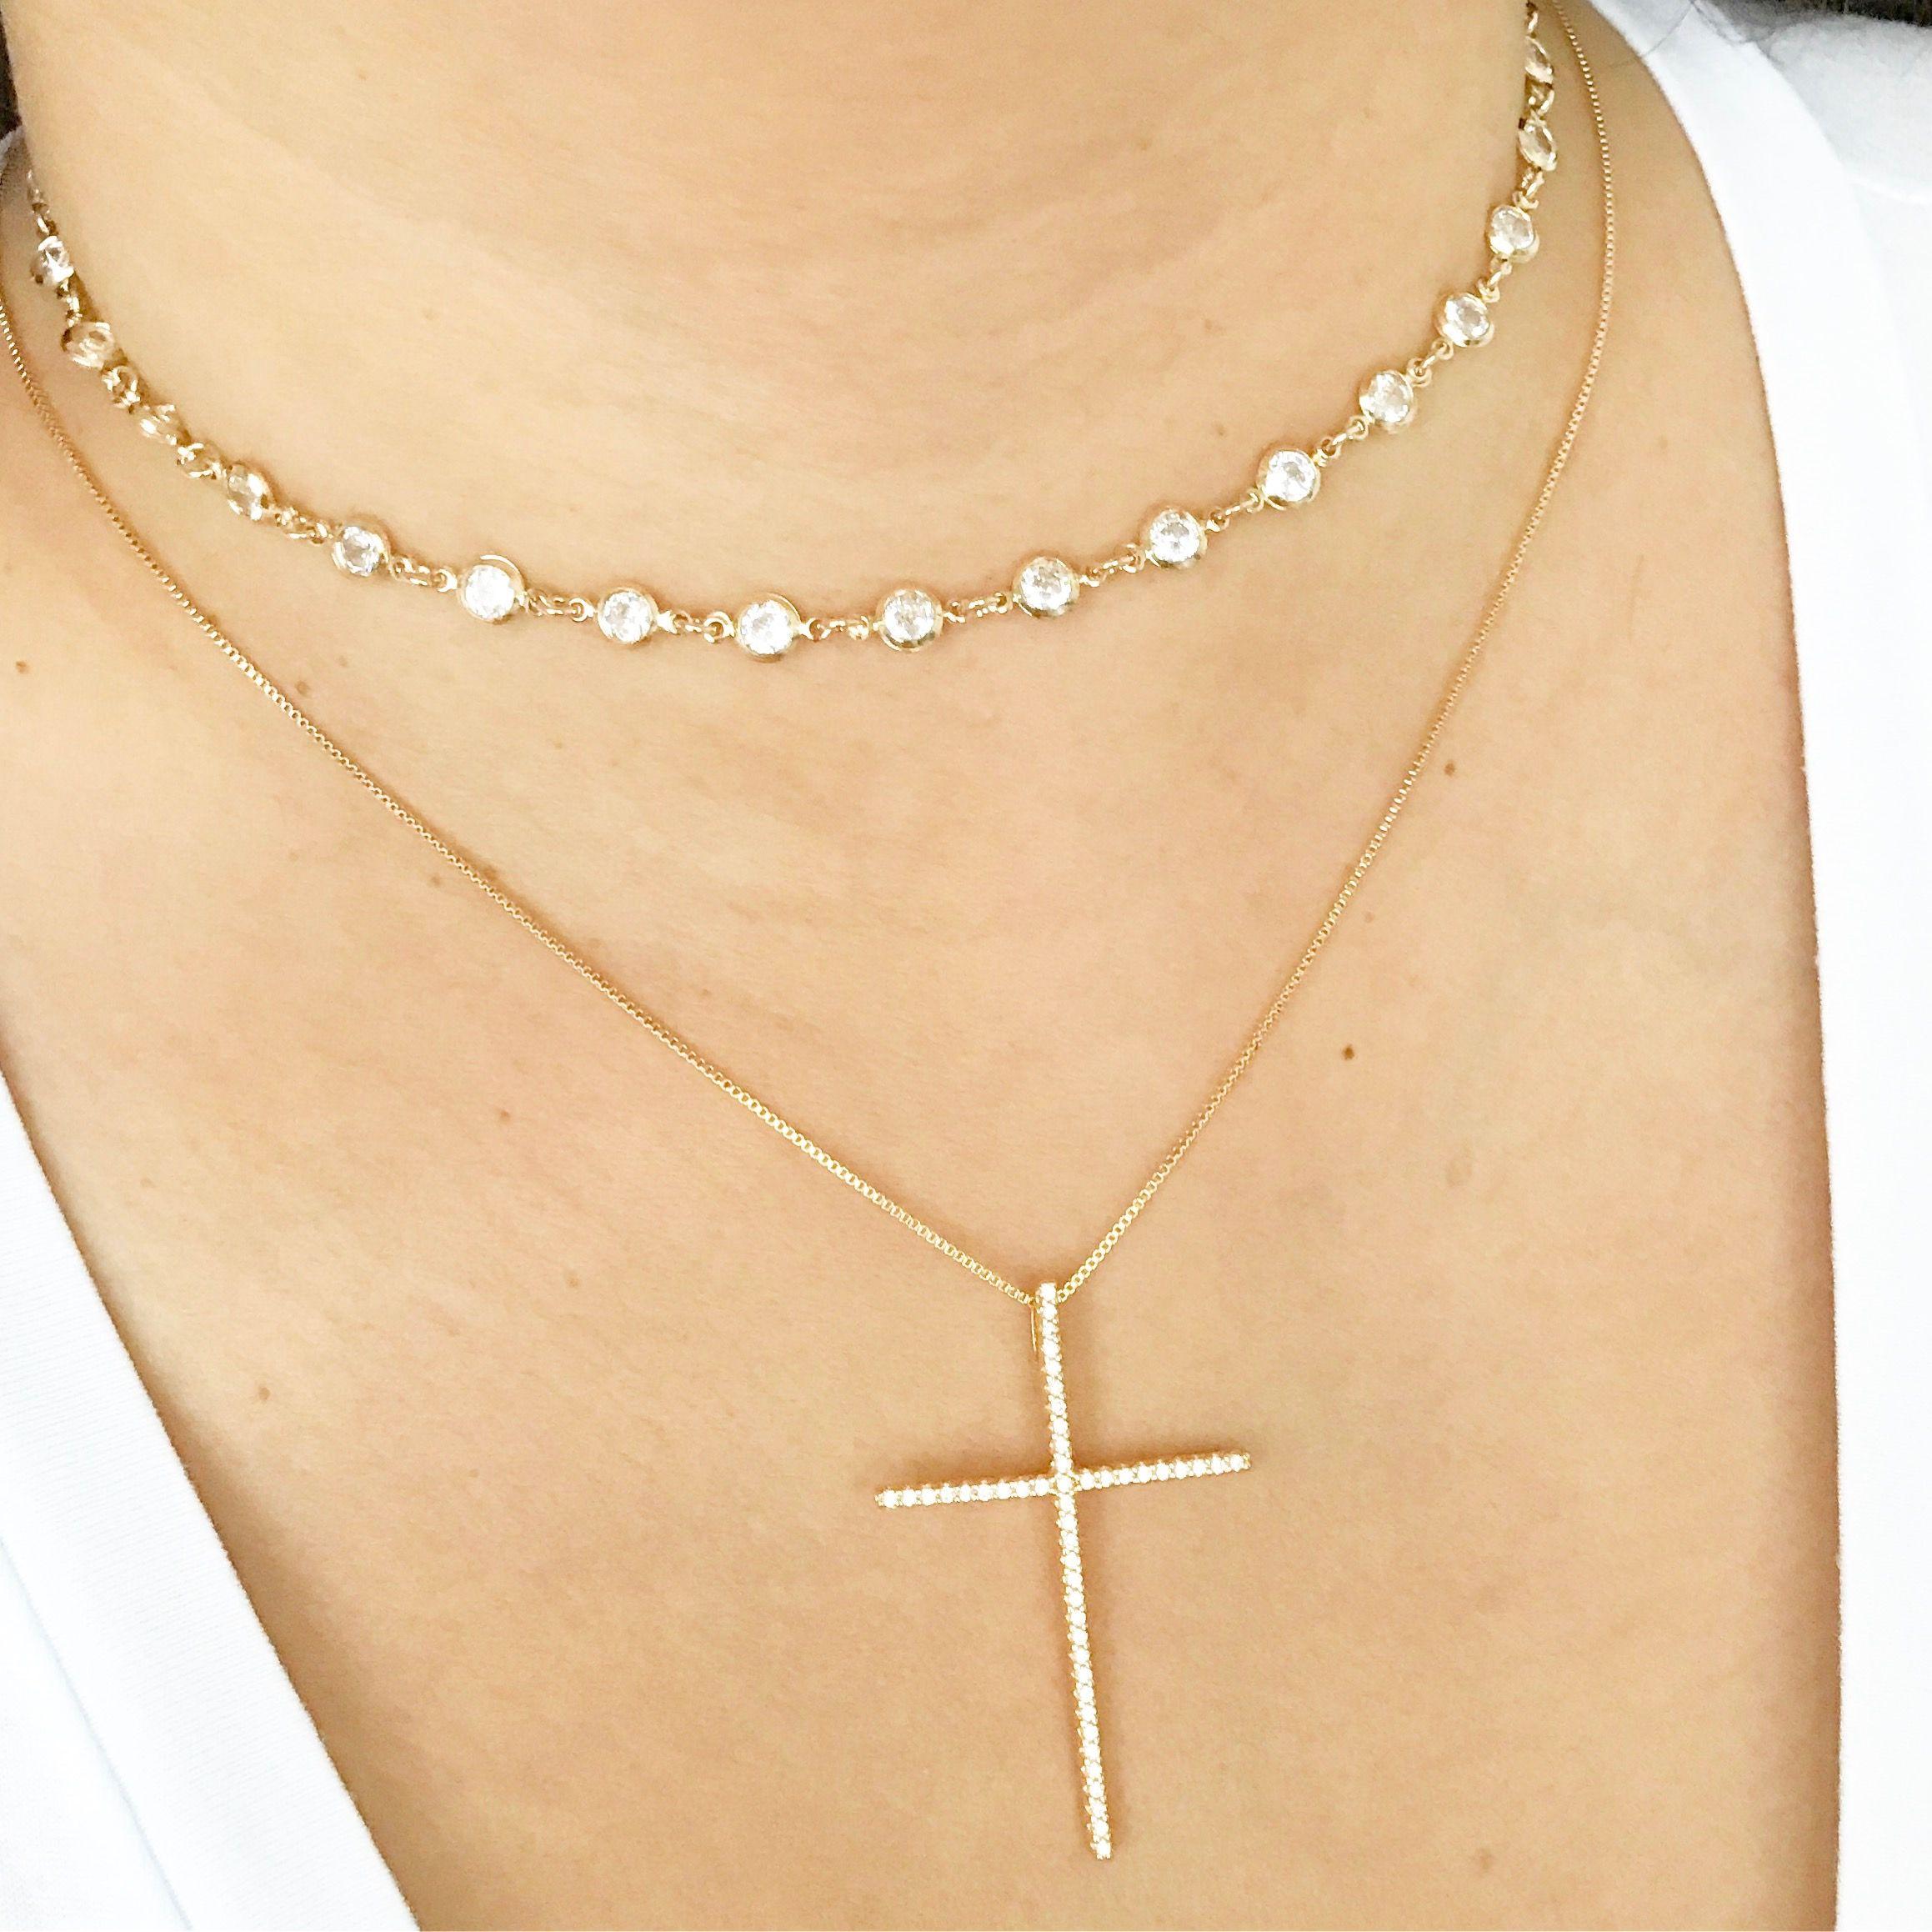 2f255c31f8f Colar crucifixo cravejado com microzirconias. Choker Inspired Tiffany.  Semijoias banhadas a ouro.